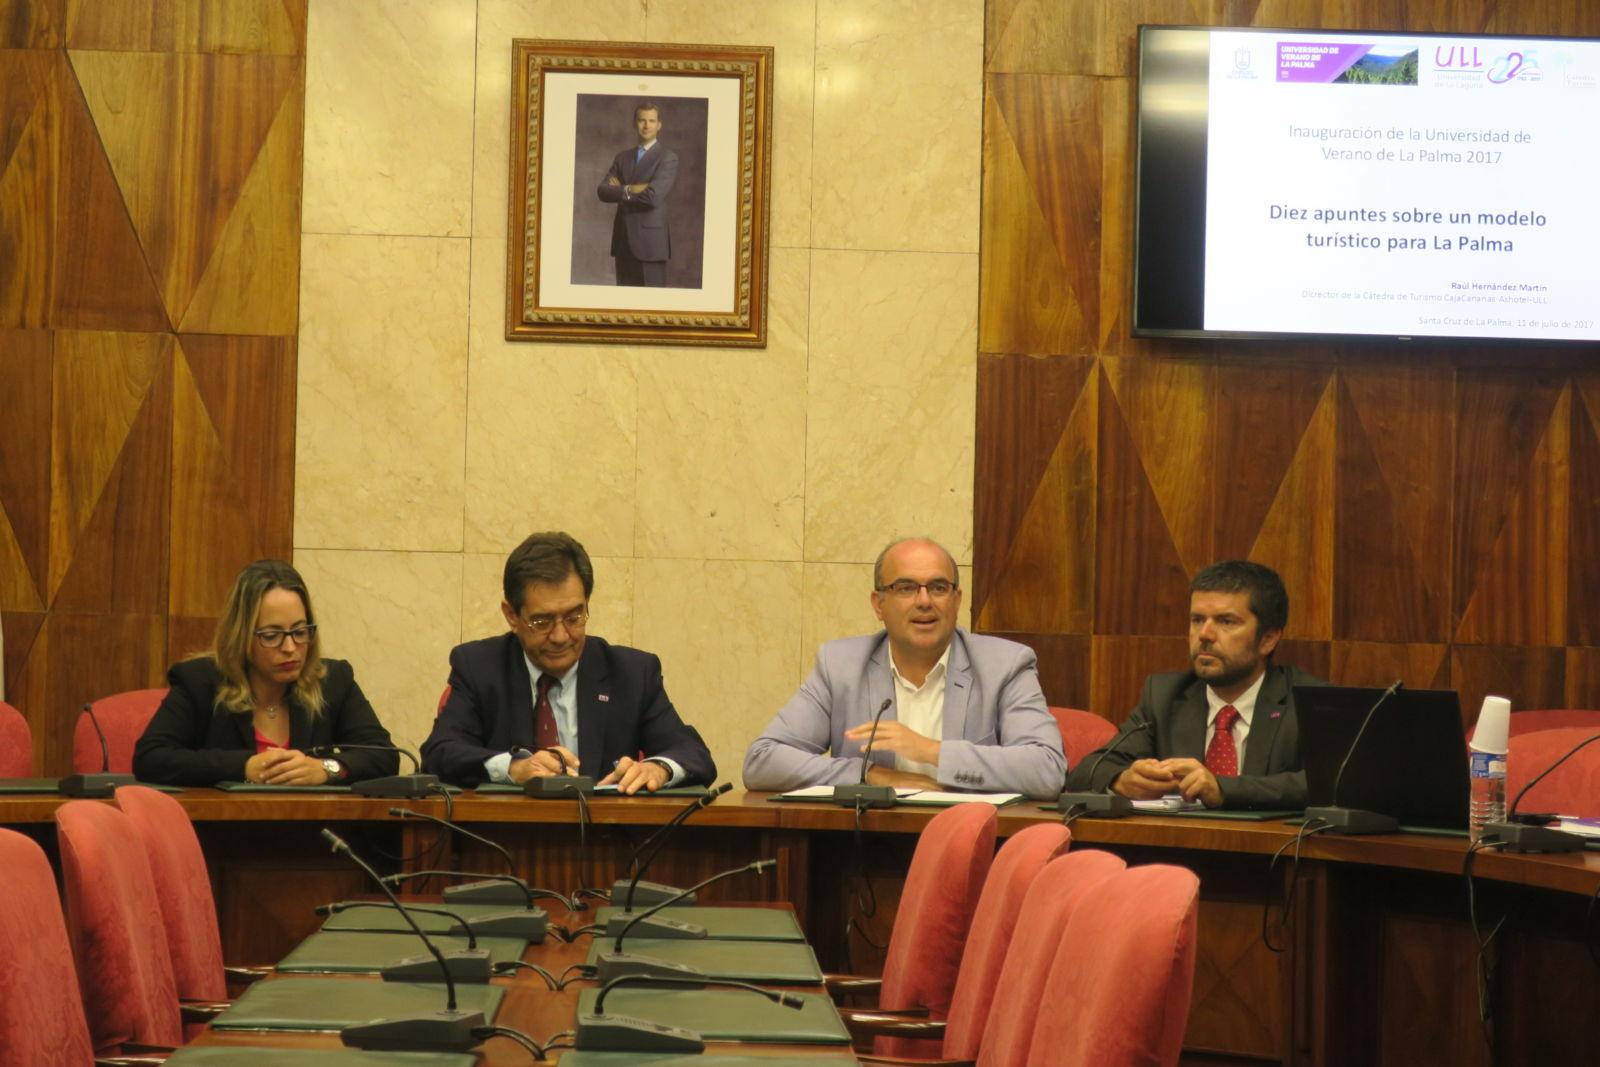 Presentación de los cursos de la Universidad de Verano de La Palma